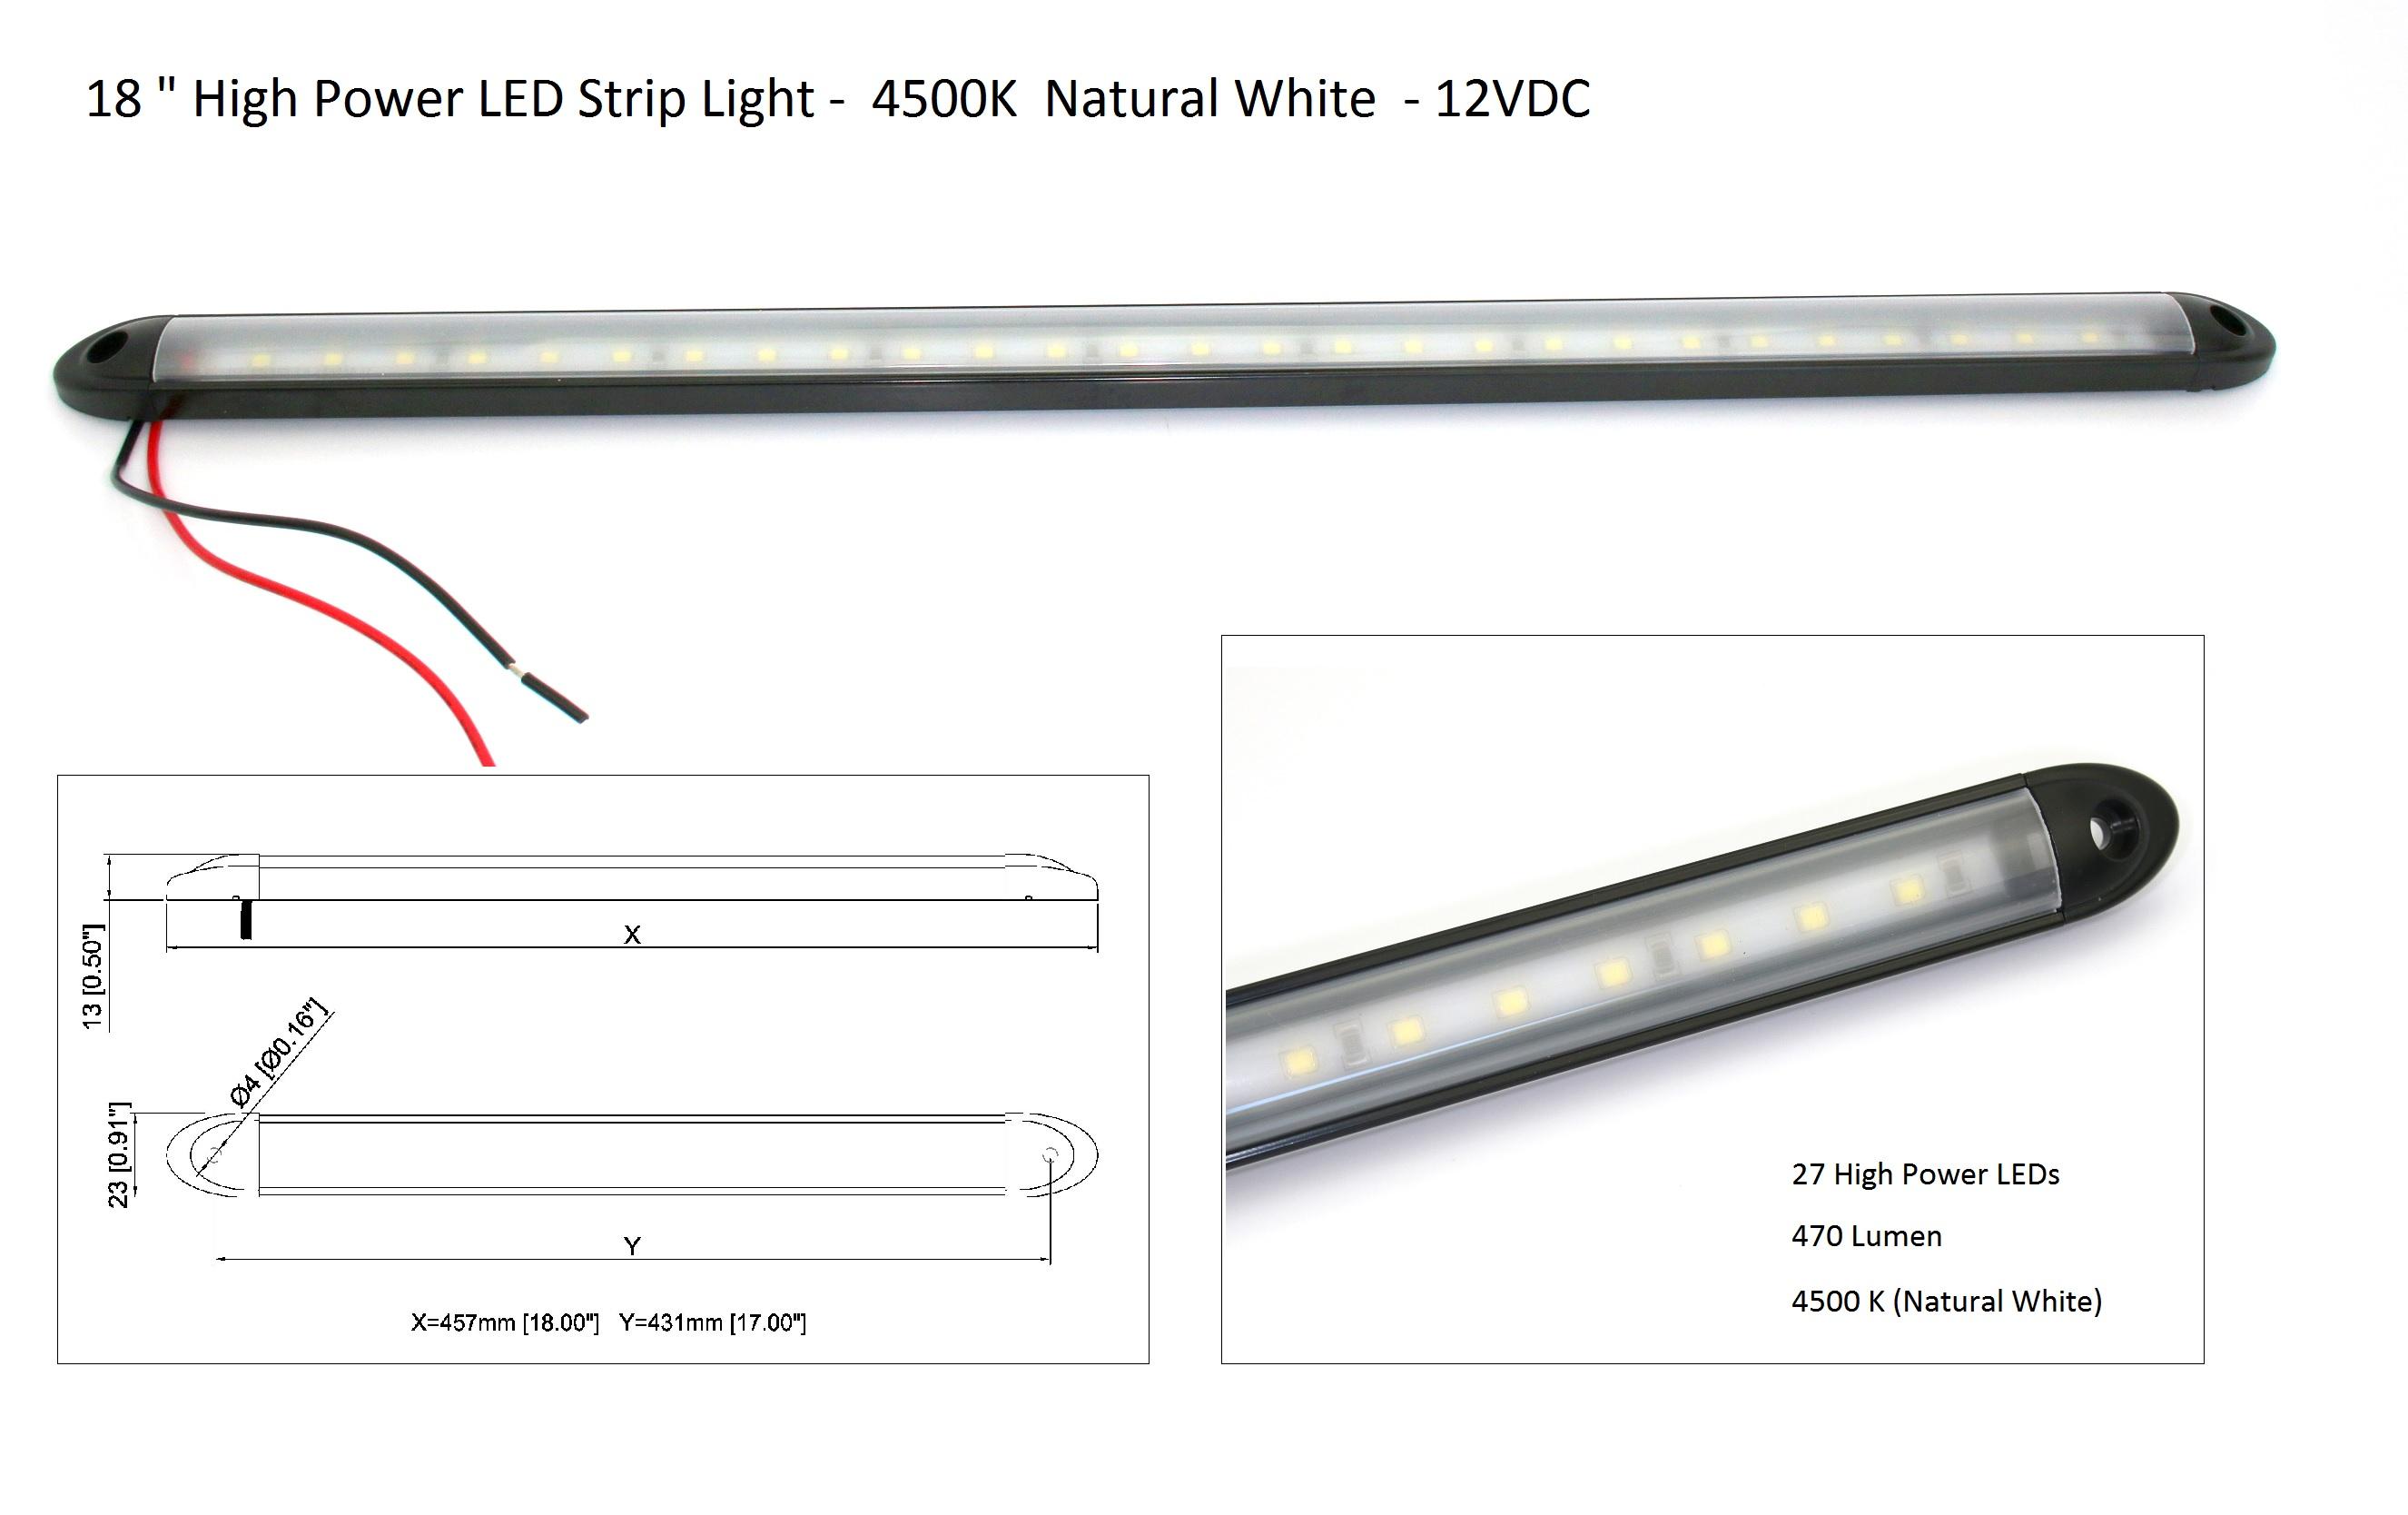 18 linear led light bar super bright waterproof 12v natural 18 linear led light bar super bright waterproof 12v natural white 4000k aloadofball Gallery